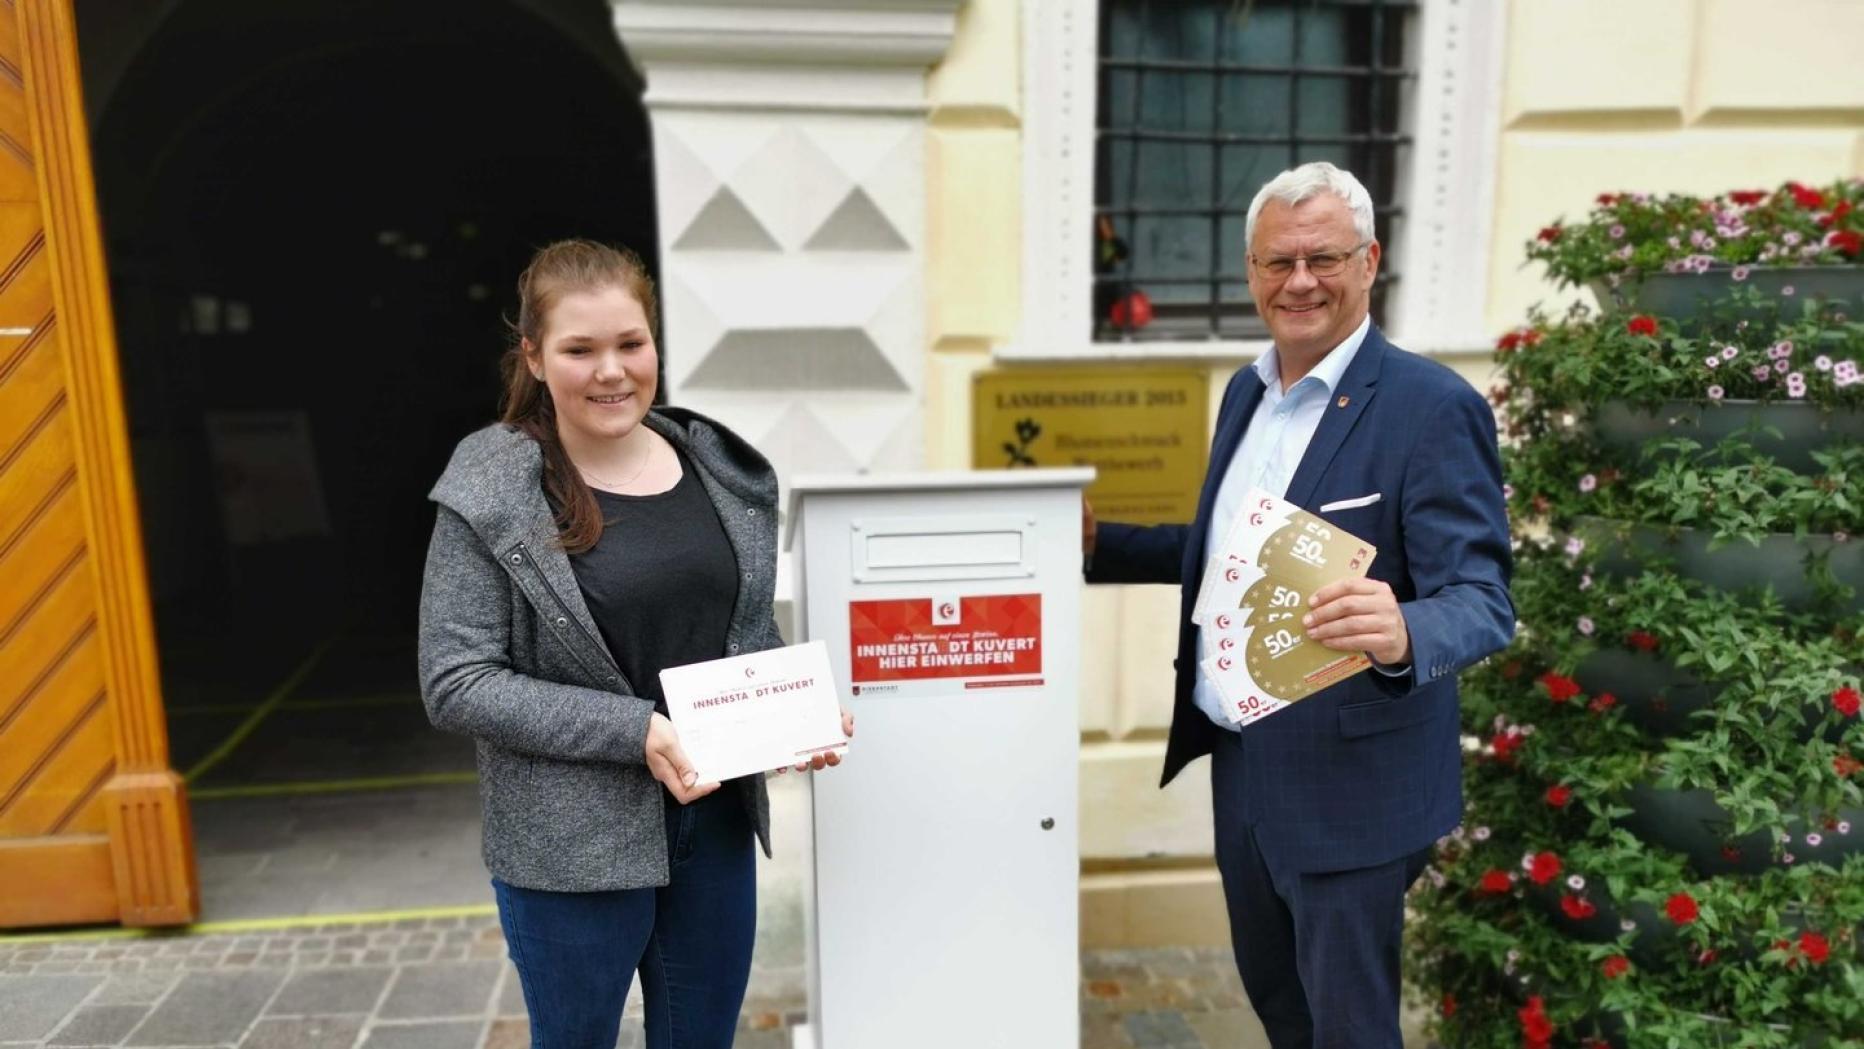 Partnersuche in Eisenstadt - Kontaktanzeigen - 50plus-Treff